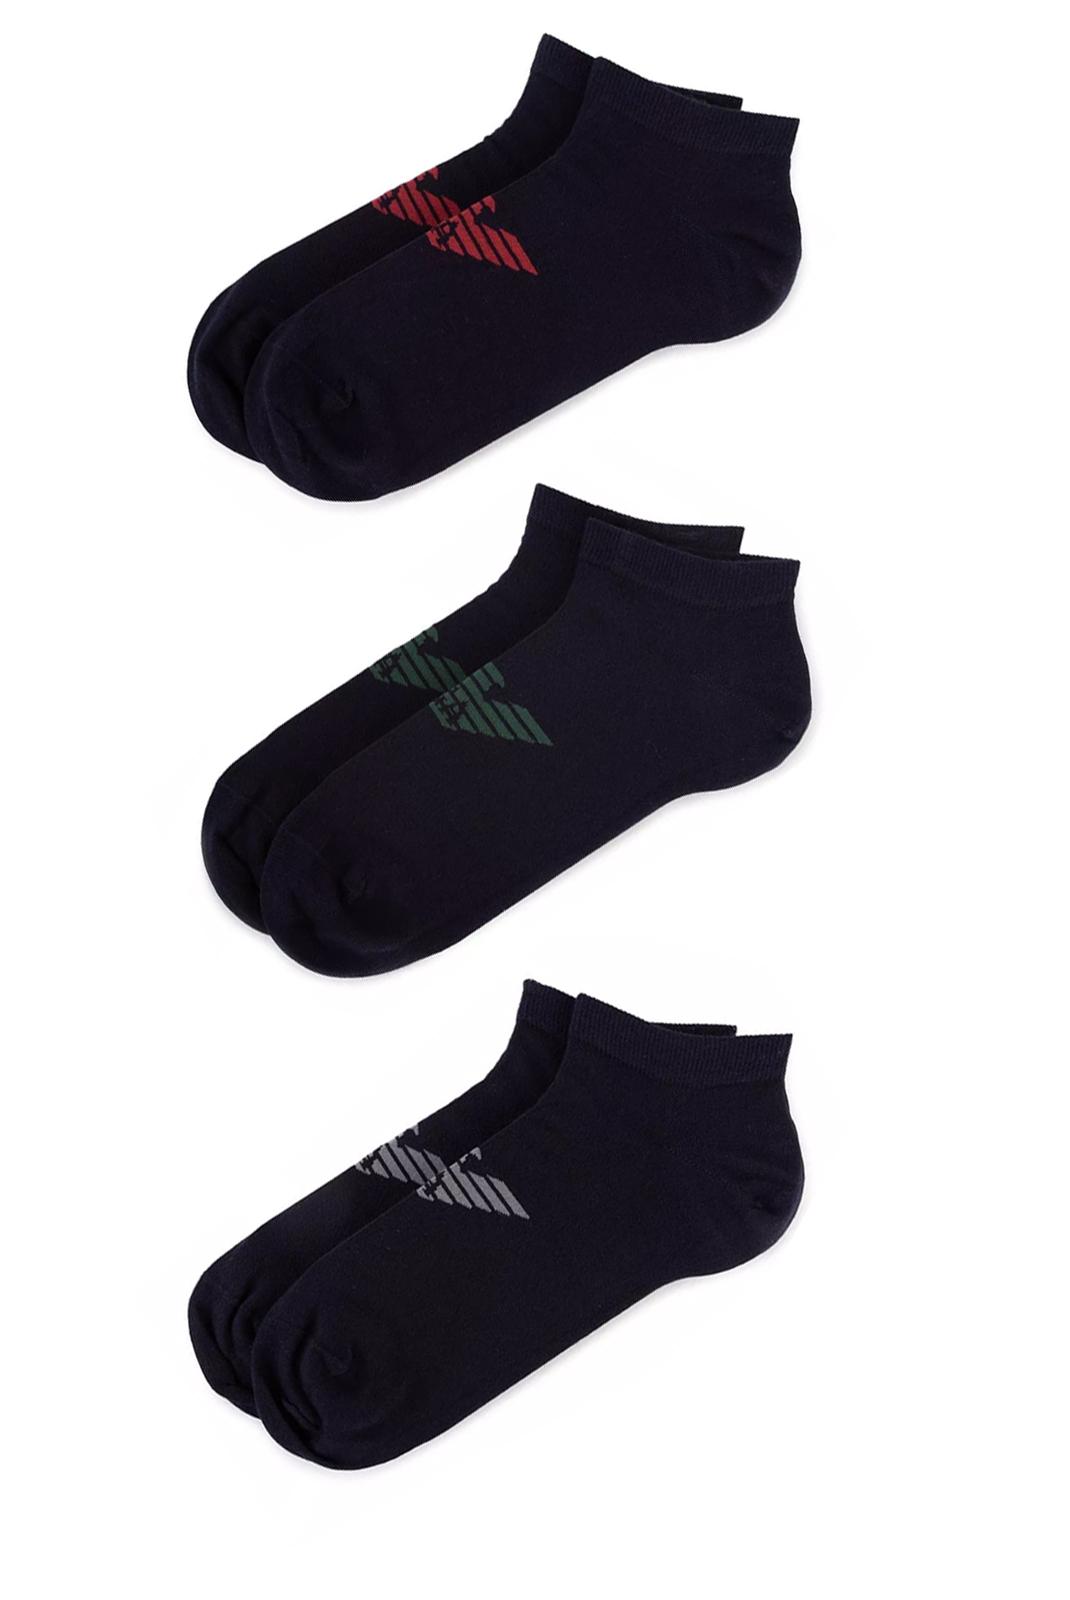 Chaussettes  Emporio armani 300008 9A234 56335 BLU/BLU/BLU